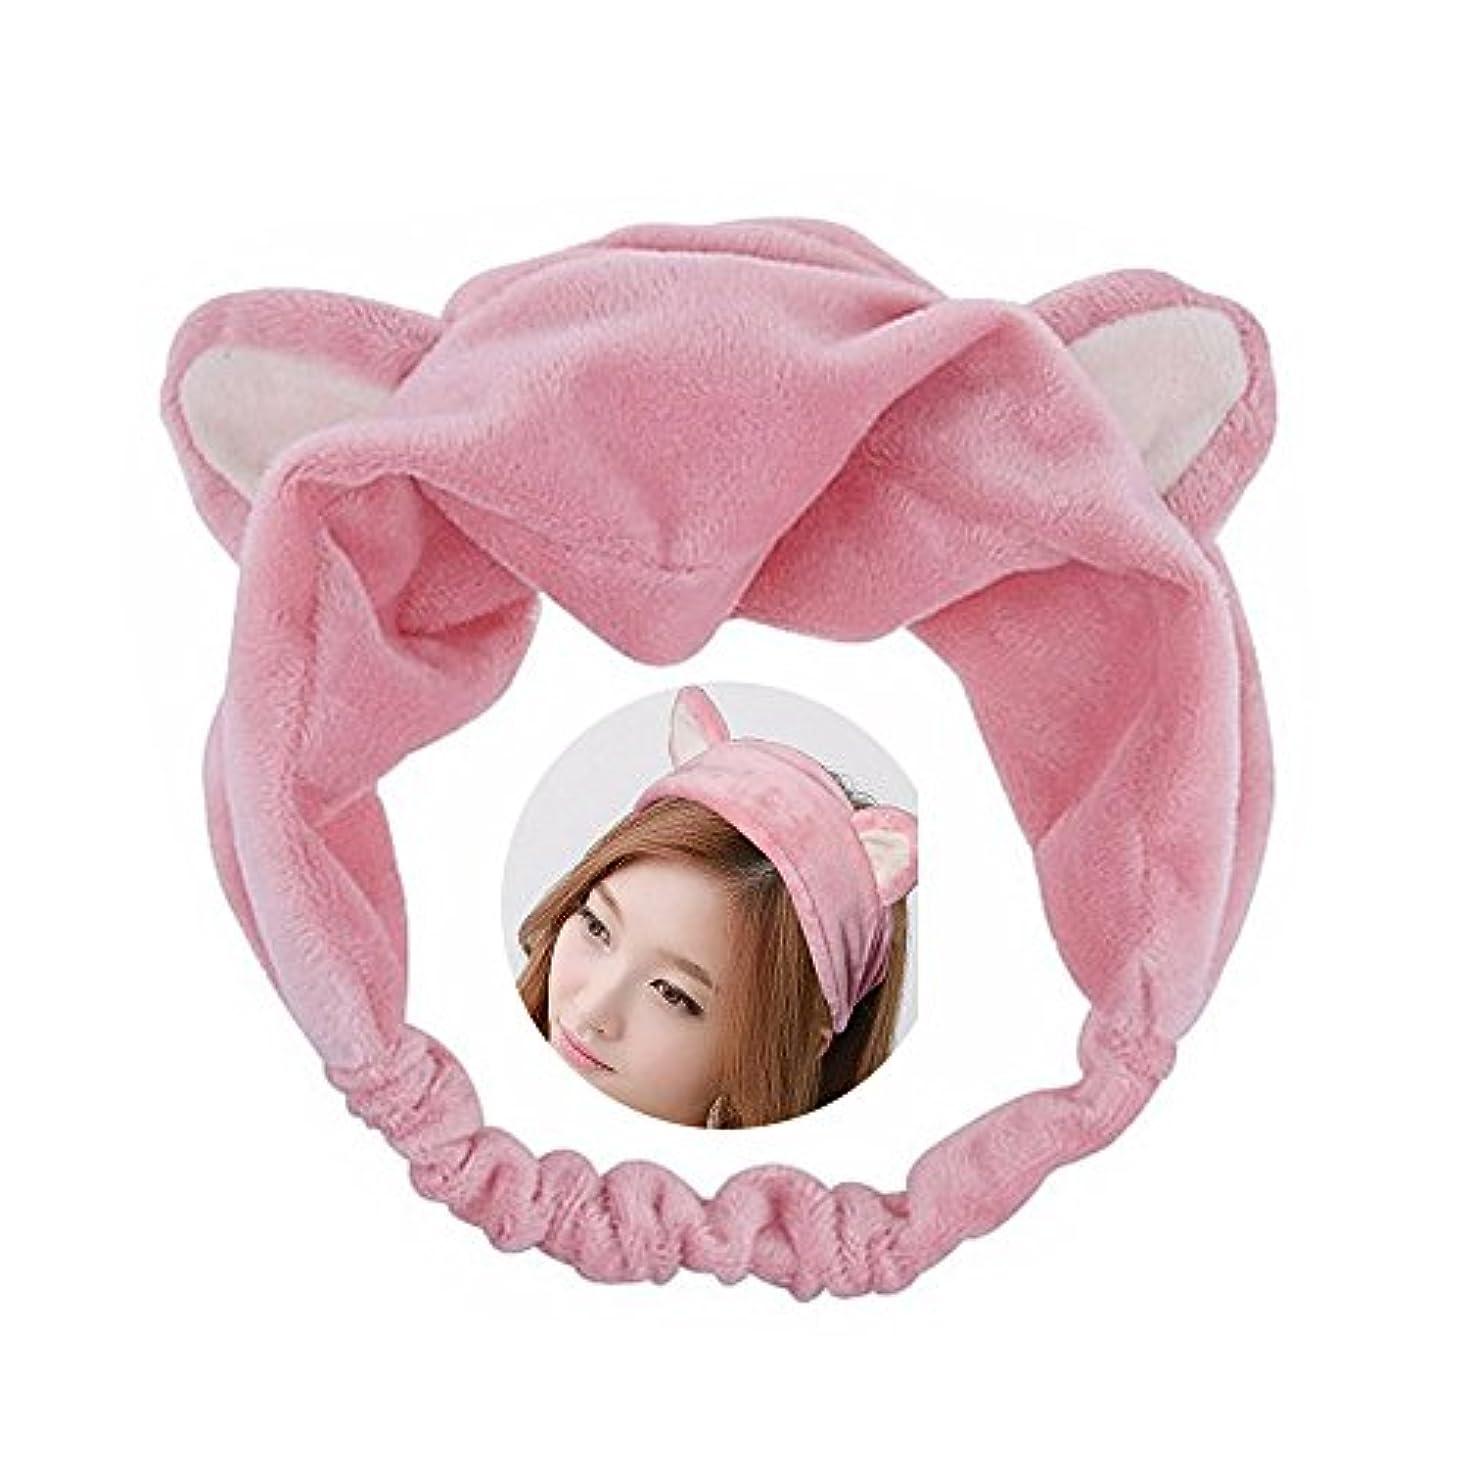 カウントアップ尊敬南極可愛い 猫 耳 ヘアバンド メイク アップ フェイス マスク スポーツ カチューシャ 髪型 ピンク